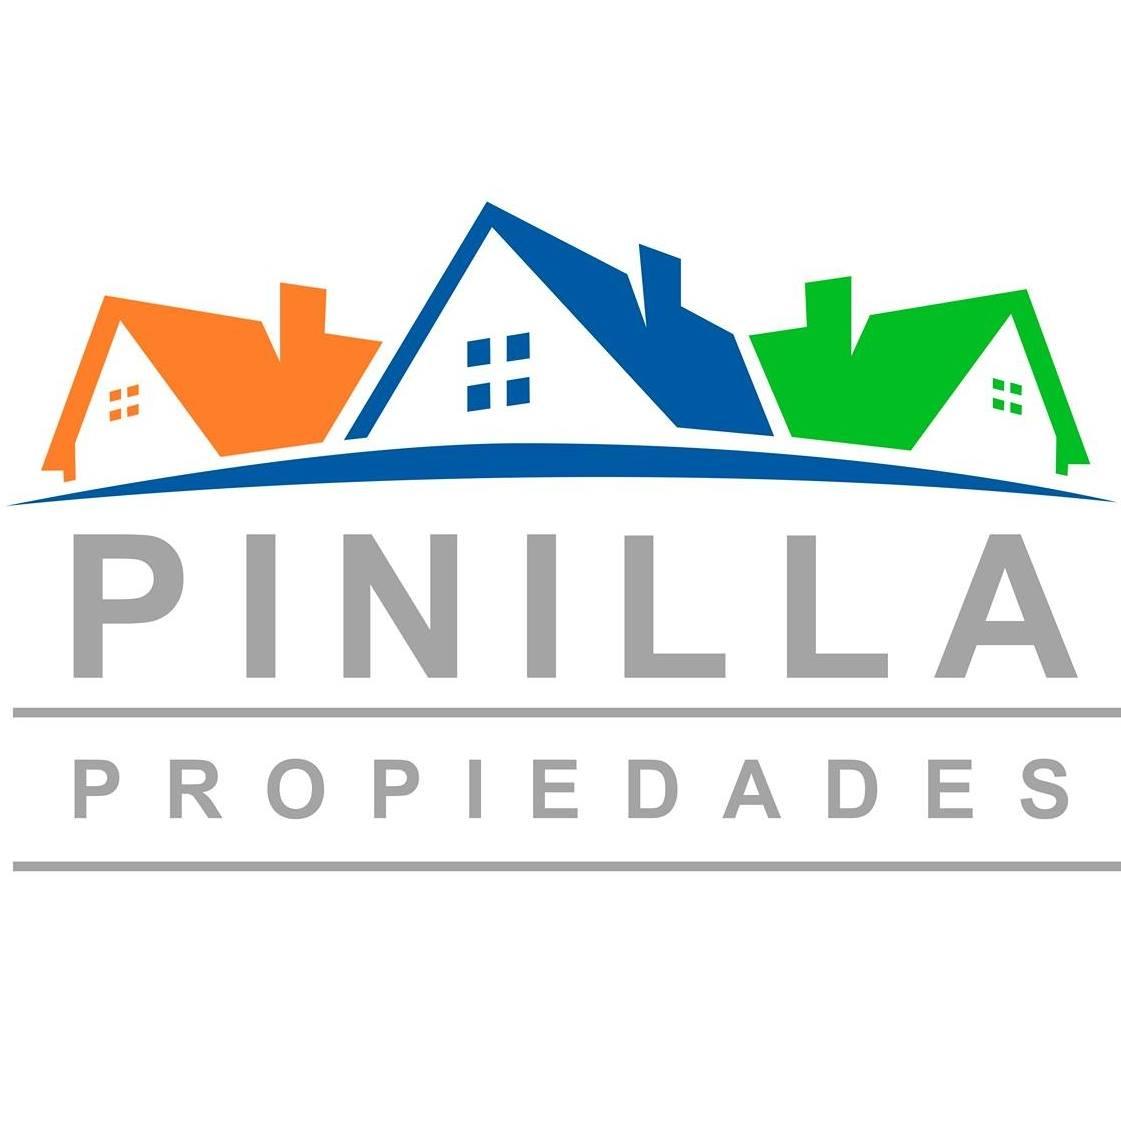 PINILLA PROPIEDADES